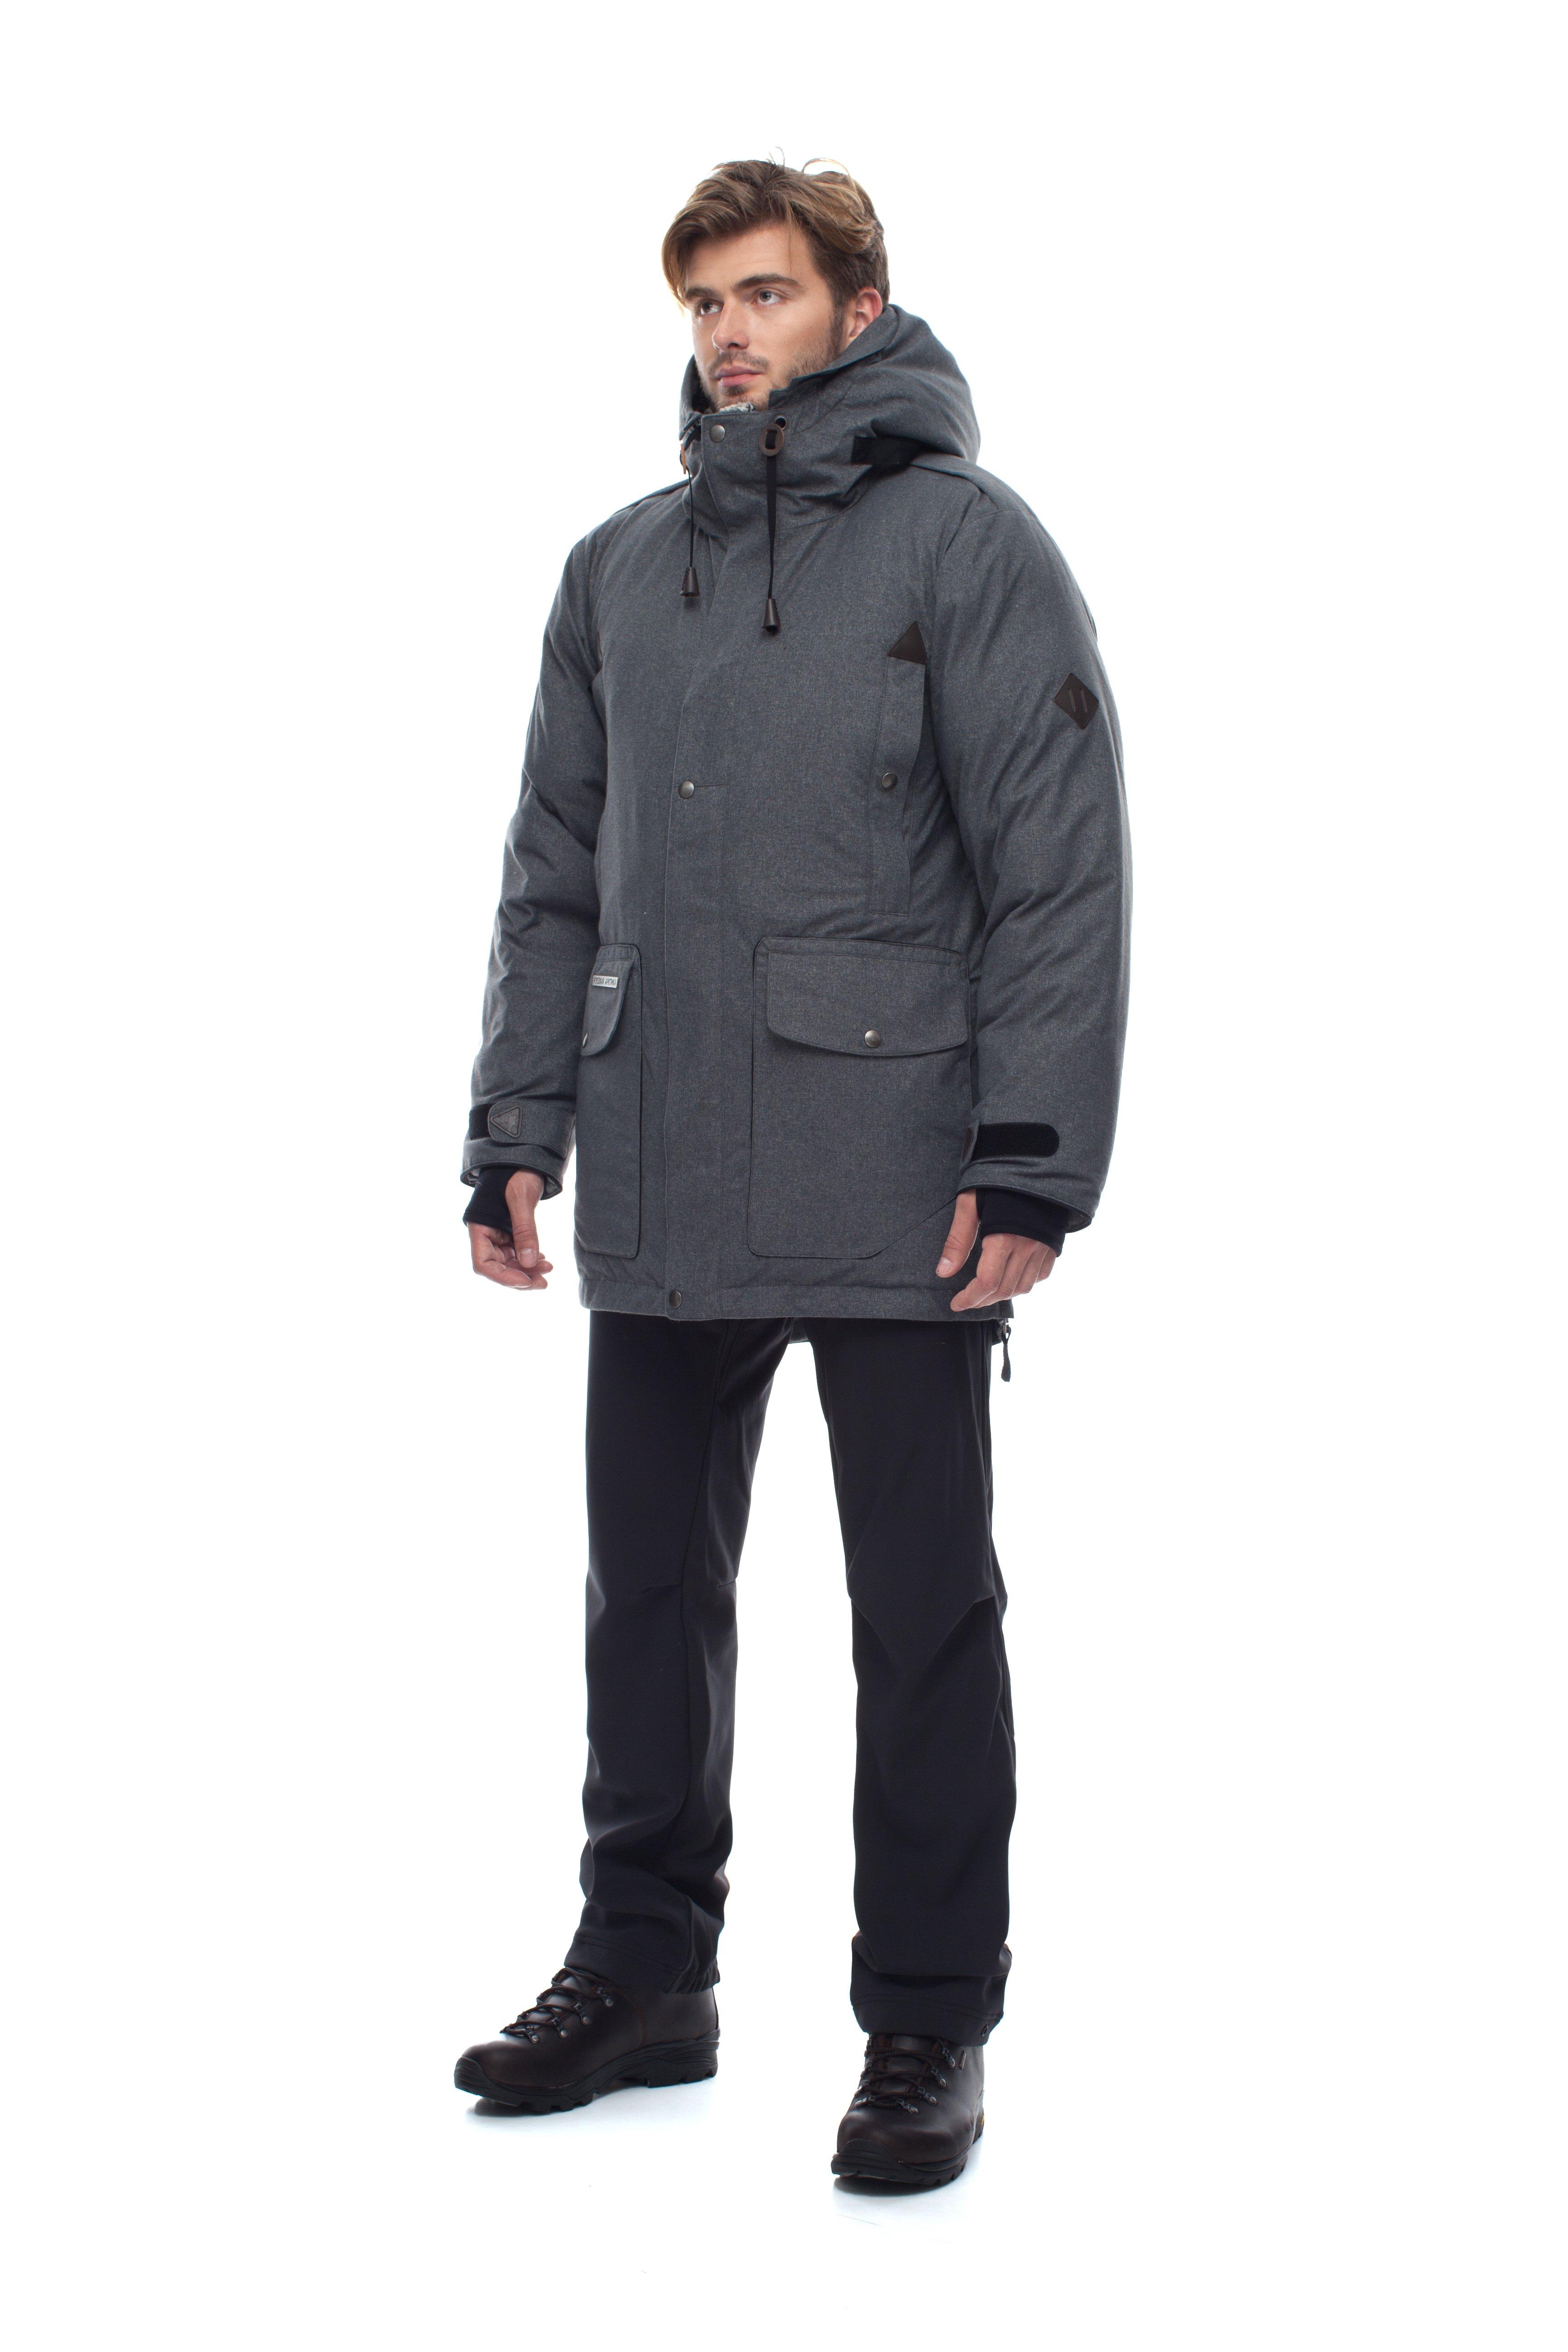 Пуховая куртка BASK PUTORANA SOFT 3774aМужская зимняя пуховая куртка-парка PUTORANA SOFT c мембранной тканью и температурным режимом -35 &amp;deg;С.<br><br>Верхняя ткань: Advance® Alaska Soft Melange<br>Вес граммы: 1920<br>Вес утеплителя: 400<br>Ветро-влагозащитные свойства верхней ткани: Да<br>Ветрозащитная планка: Да<br>Ветрозащитная юбка: Нет<br>Влагозащитные молнии: Нет<br>Внутренние манжеты: Да<br>Внутренняя ткань: Advance® Classic<br>Водонепроницаемость: 10000<br>Дублирующий центральную молнию клапан: Да<br>Защитный козырёк капюшона: Нет<br>Капюшон: несъемный<br>Карман для средств связи: Нет<br>Количество внешних карманов: 8<br>Количество внутренних карманов: 2<br>Мембрана: да<br>Объемный крой локтевой зоны: Нет<br>Отстёгивающиеся рукава: Нет<br>Паропроницаемость: 5000<br>Показатель Fill Power (для пуховых изделий): 650<br>Пол: Муж.<br>Проклейка швов: Нет<br>Регулировка манжетов рукавов: Да<br>Регулировка низа: Нет<br>Регулировка объёма капюшона: Да<br>Регулировка талии: Да<br>Регулируемые вентиляционные отверстия: Нет<br>Световозвращающая лента: Нет<br>Температурный режим: -35<br>Технология Thermal Welding: Нет<br>Технология швов: простые<br>Тип молнии: двухзамковая<br>Ткань усиления: нет<br>Усиление контактных зон: Нет<br>Утеплитель: гусиный пух<br>Размер RU: 60<br>Цвет: ЧЕРНЫЙ